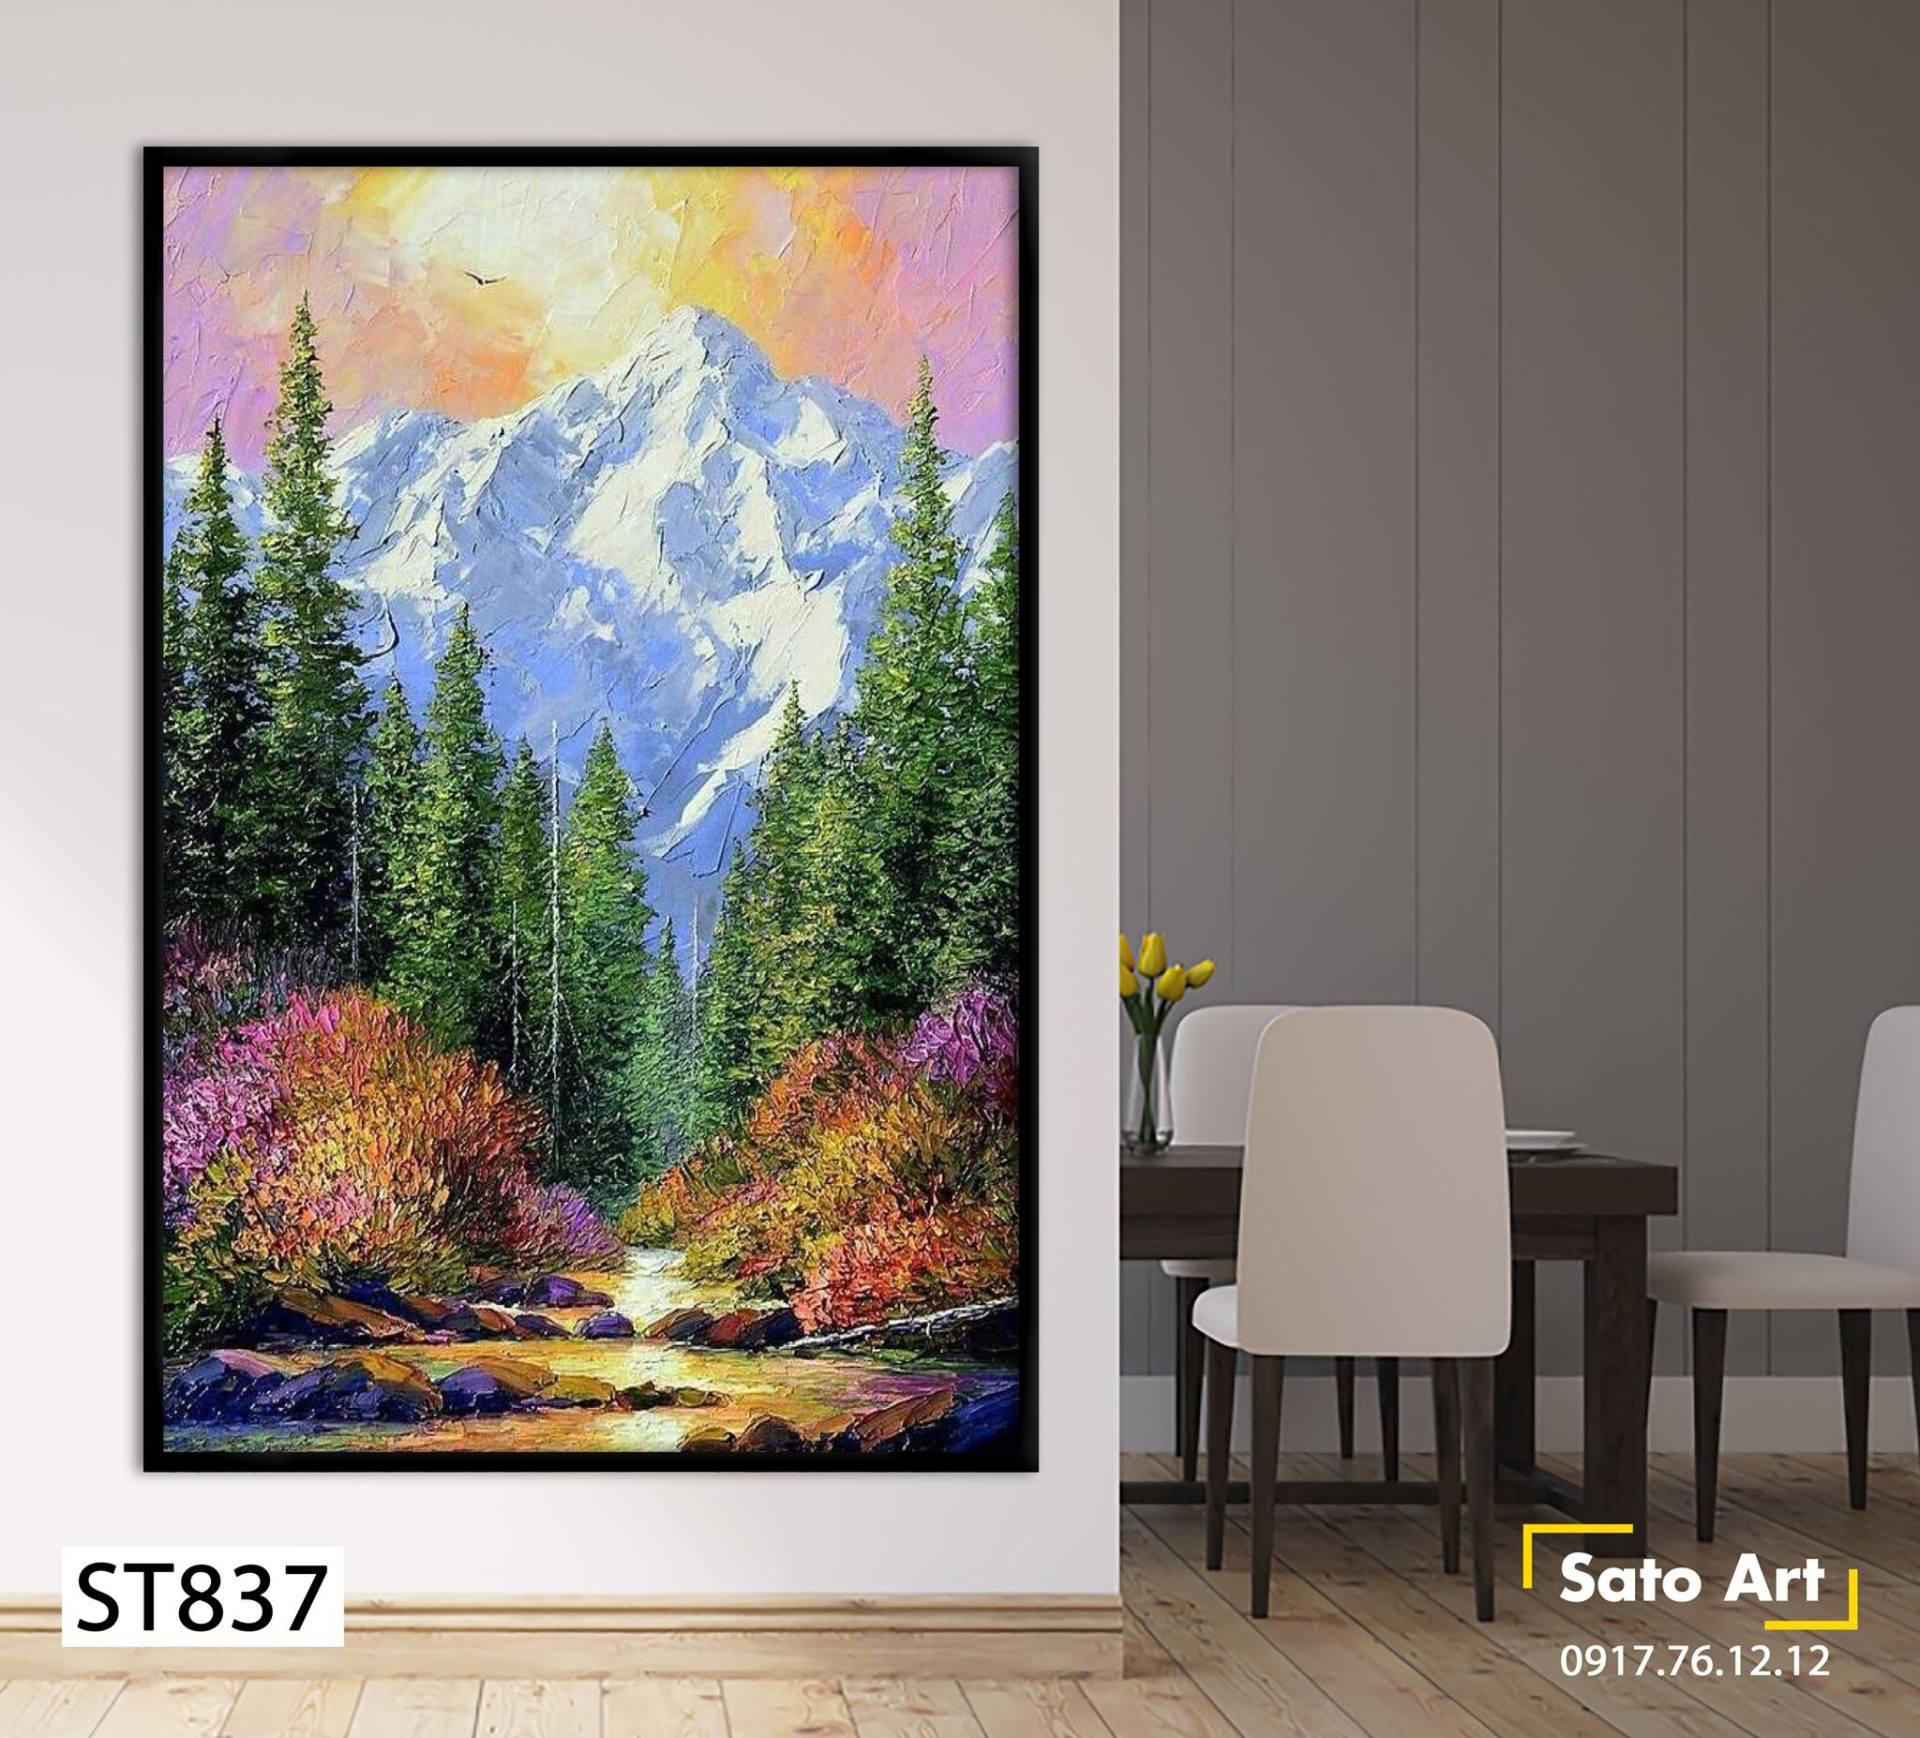 Hình ảnh tranh sơn dầu núi rừng